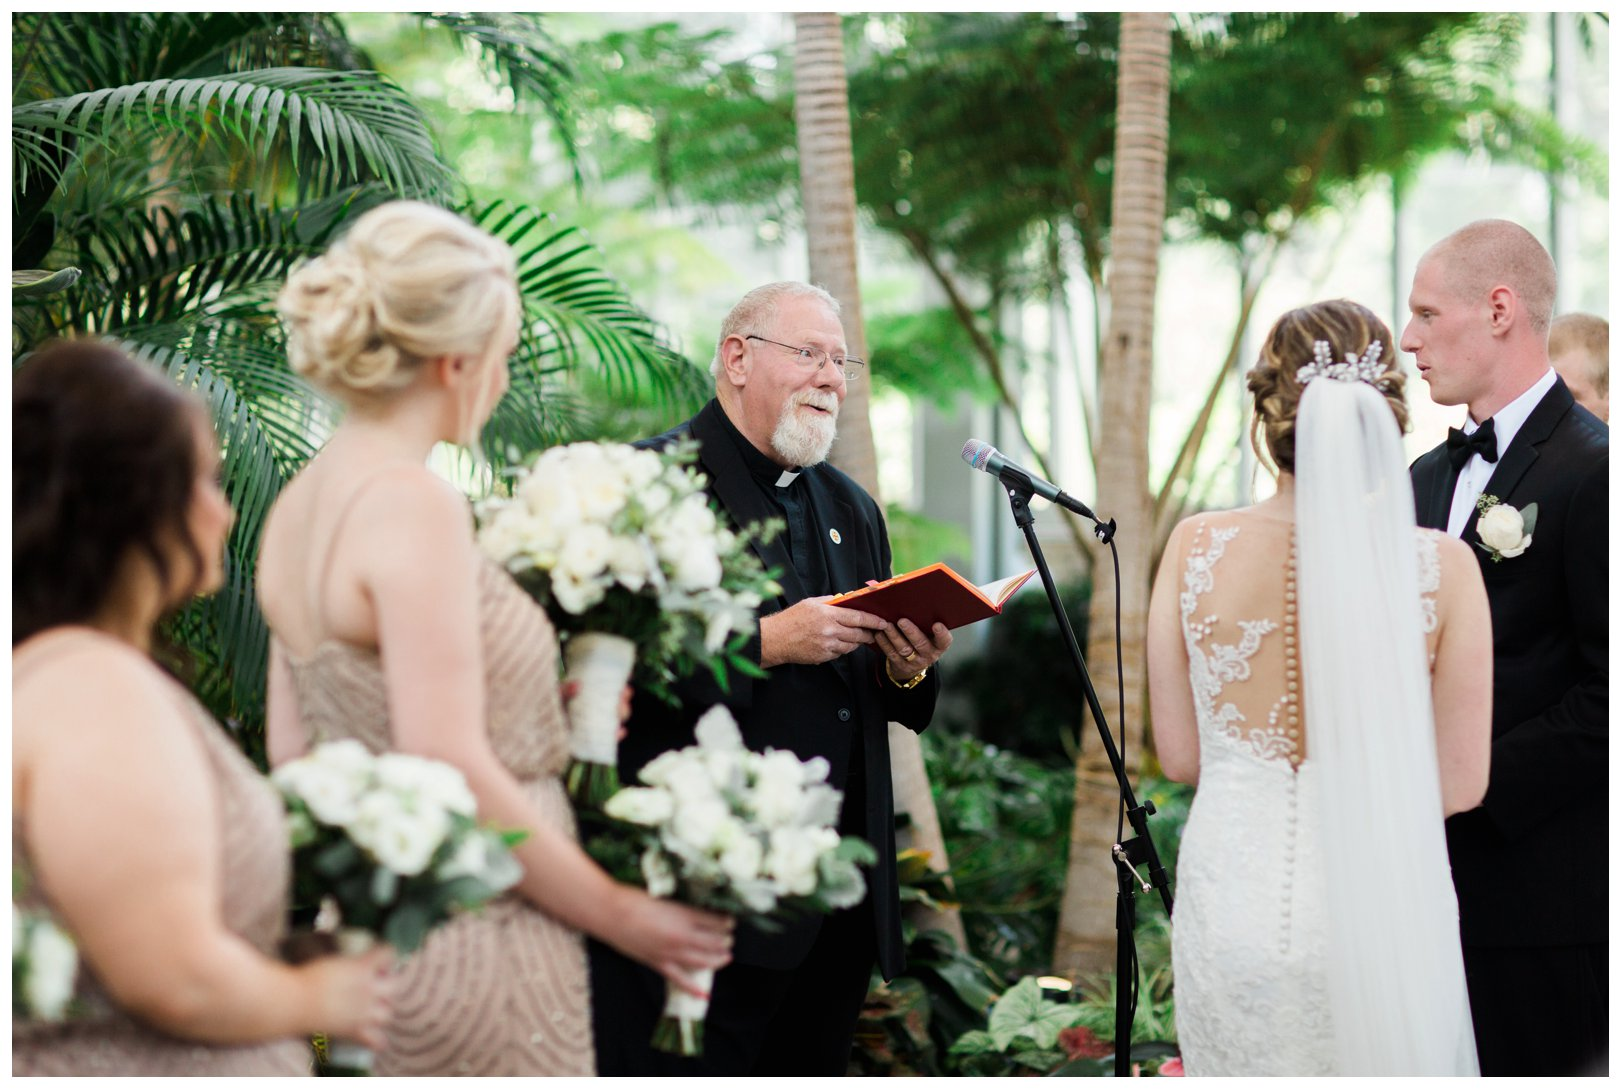 lauren muckler photography_fine art film wedding photography_st louis_photography_1304.jpg